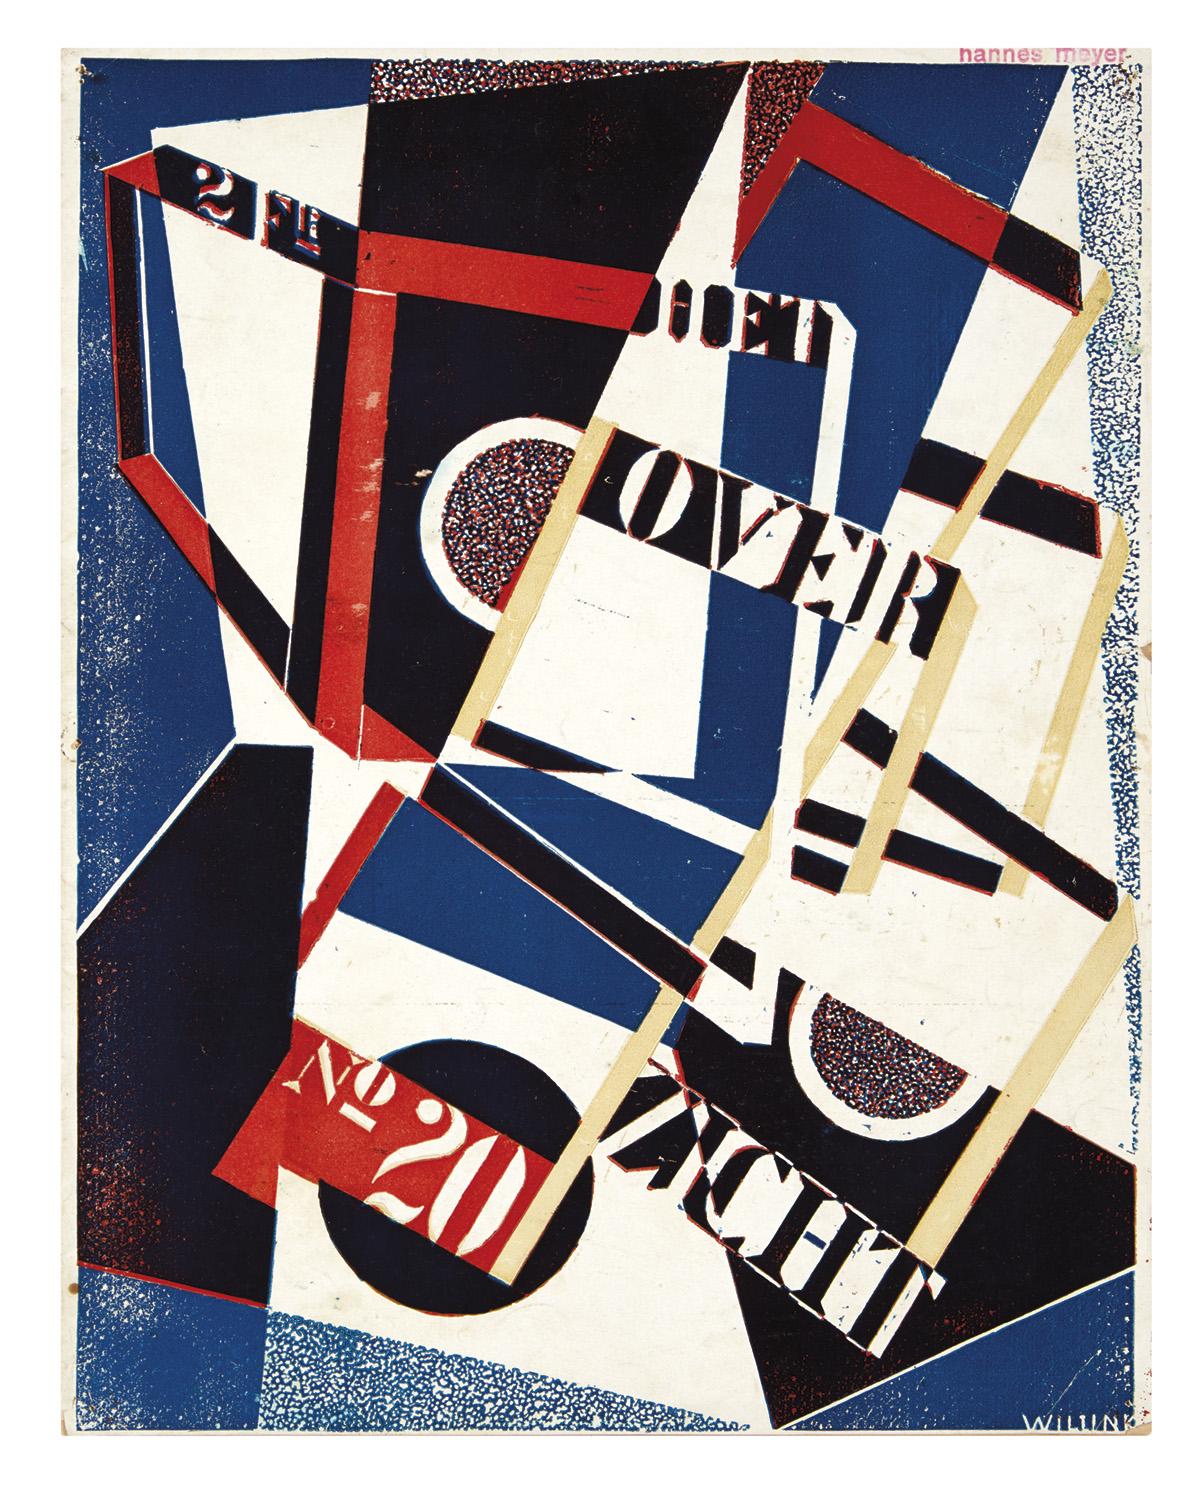 SEUPHOR, MICHEL [pseud. of F.L. Berckelaers]; and JOZEF PEETERS. Het Overzicht. Number 20, January 1924.